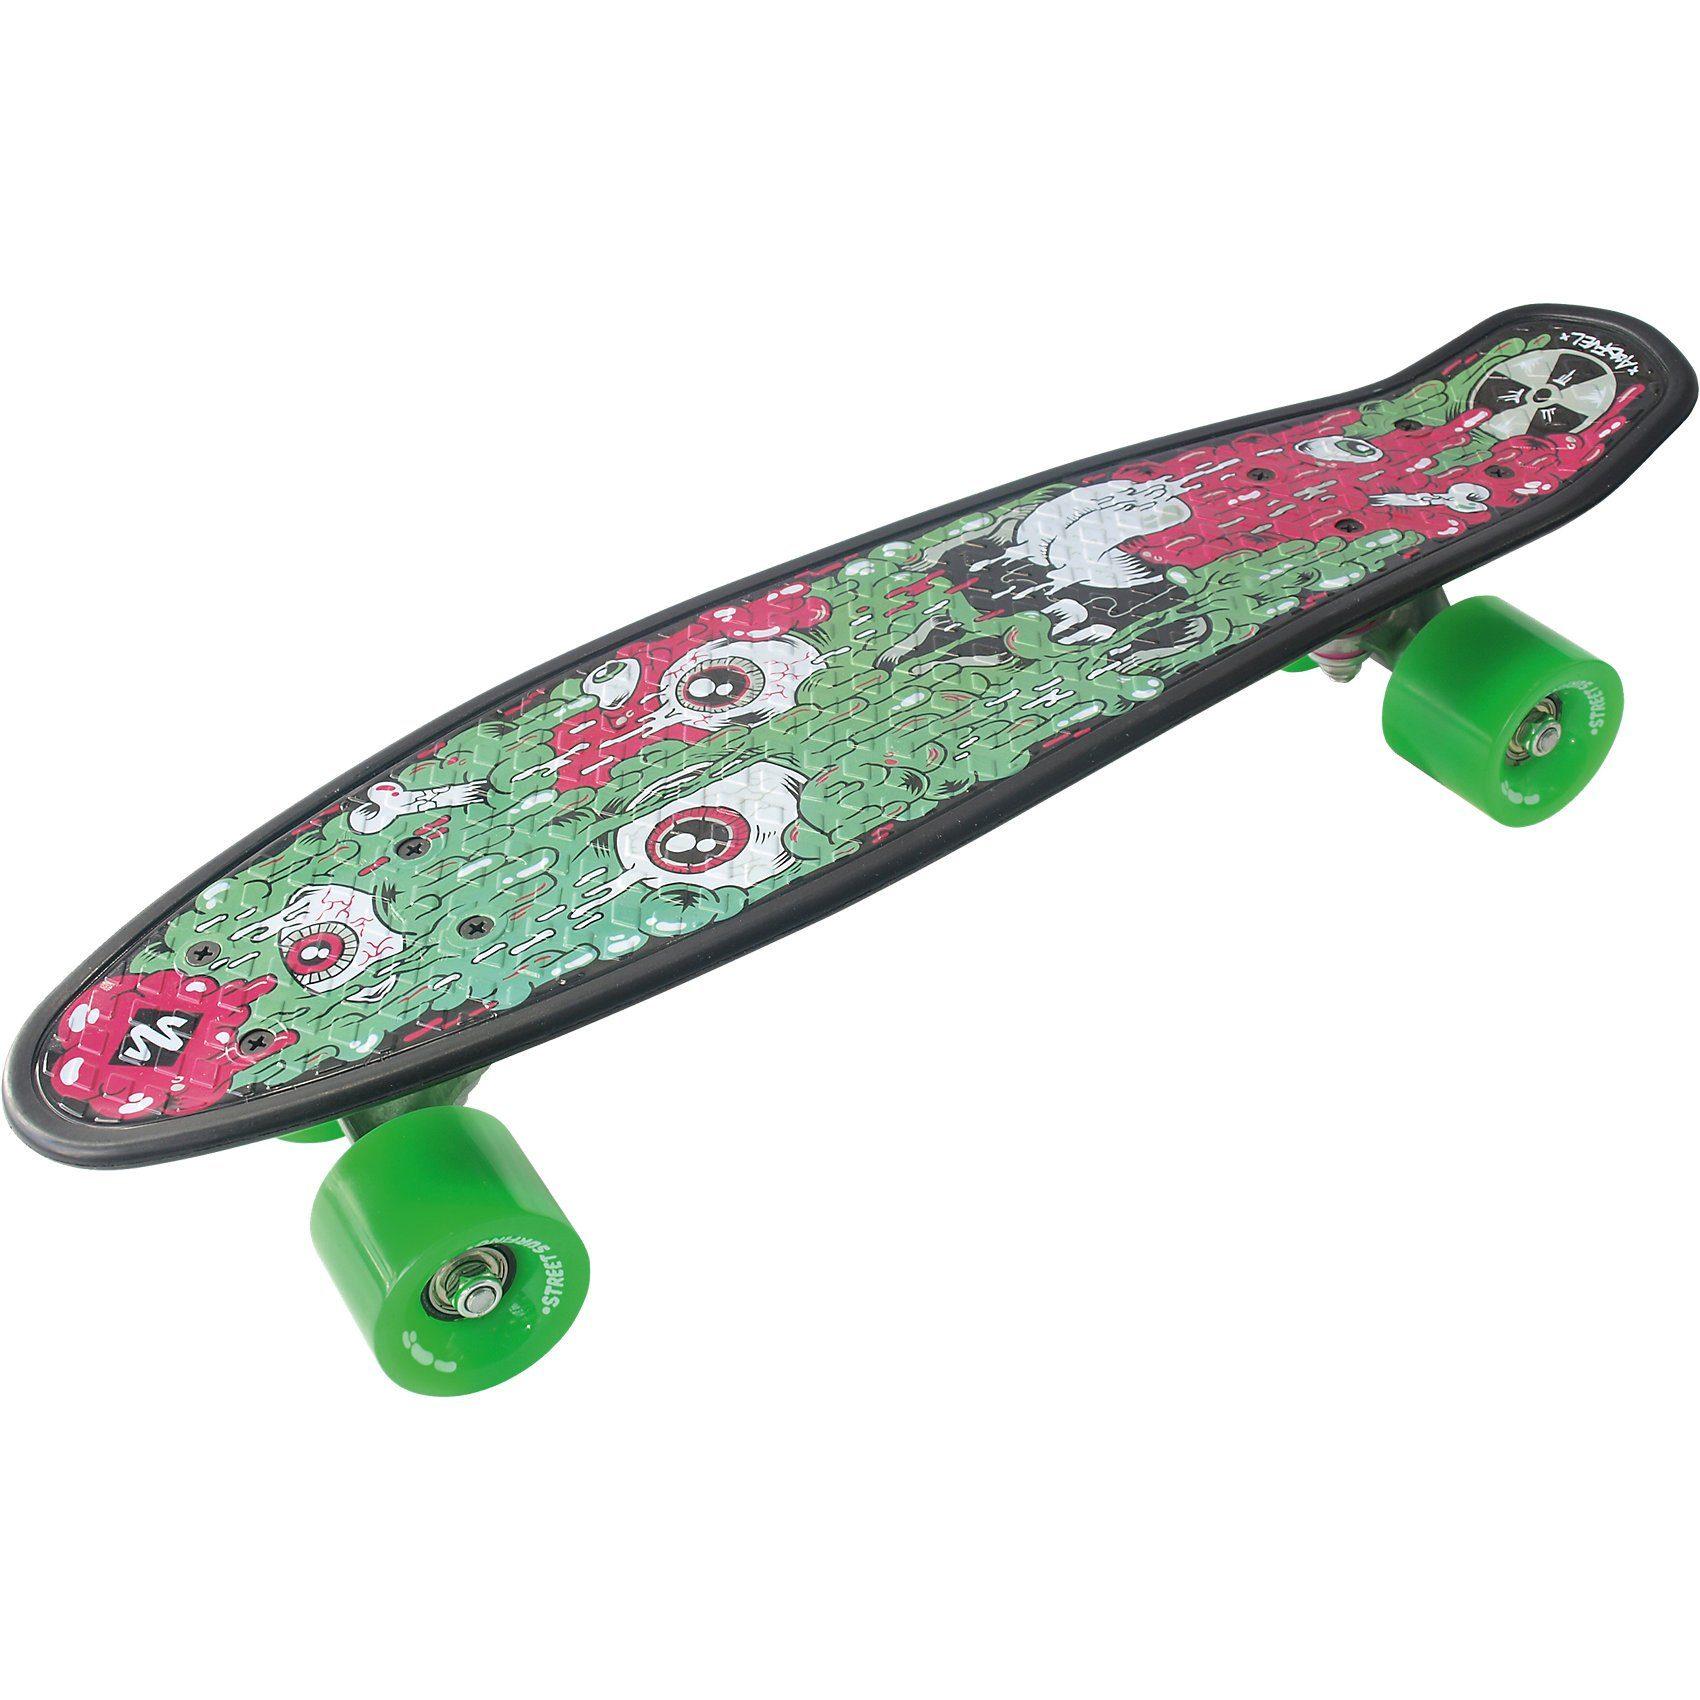 Streetsurfing ® Beach Board / Fuel Board - Melting